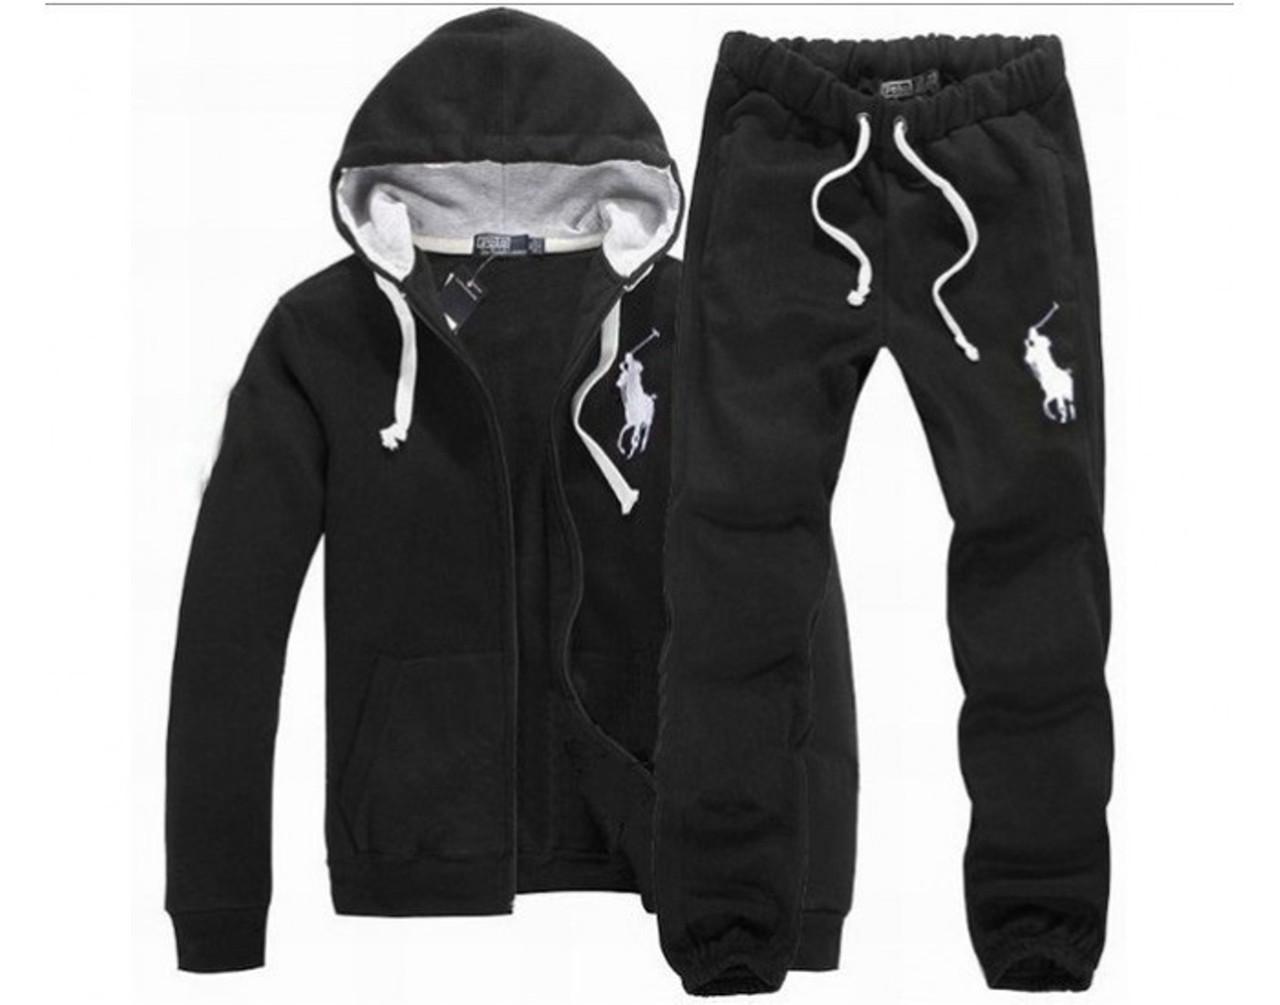 4ccf0474589e Теплый спортивный костюм мужской POLO (трехнитка), черный - LADYFASHION в  Одессе